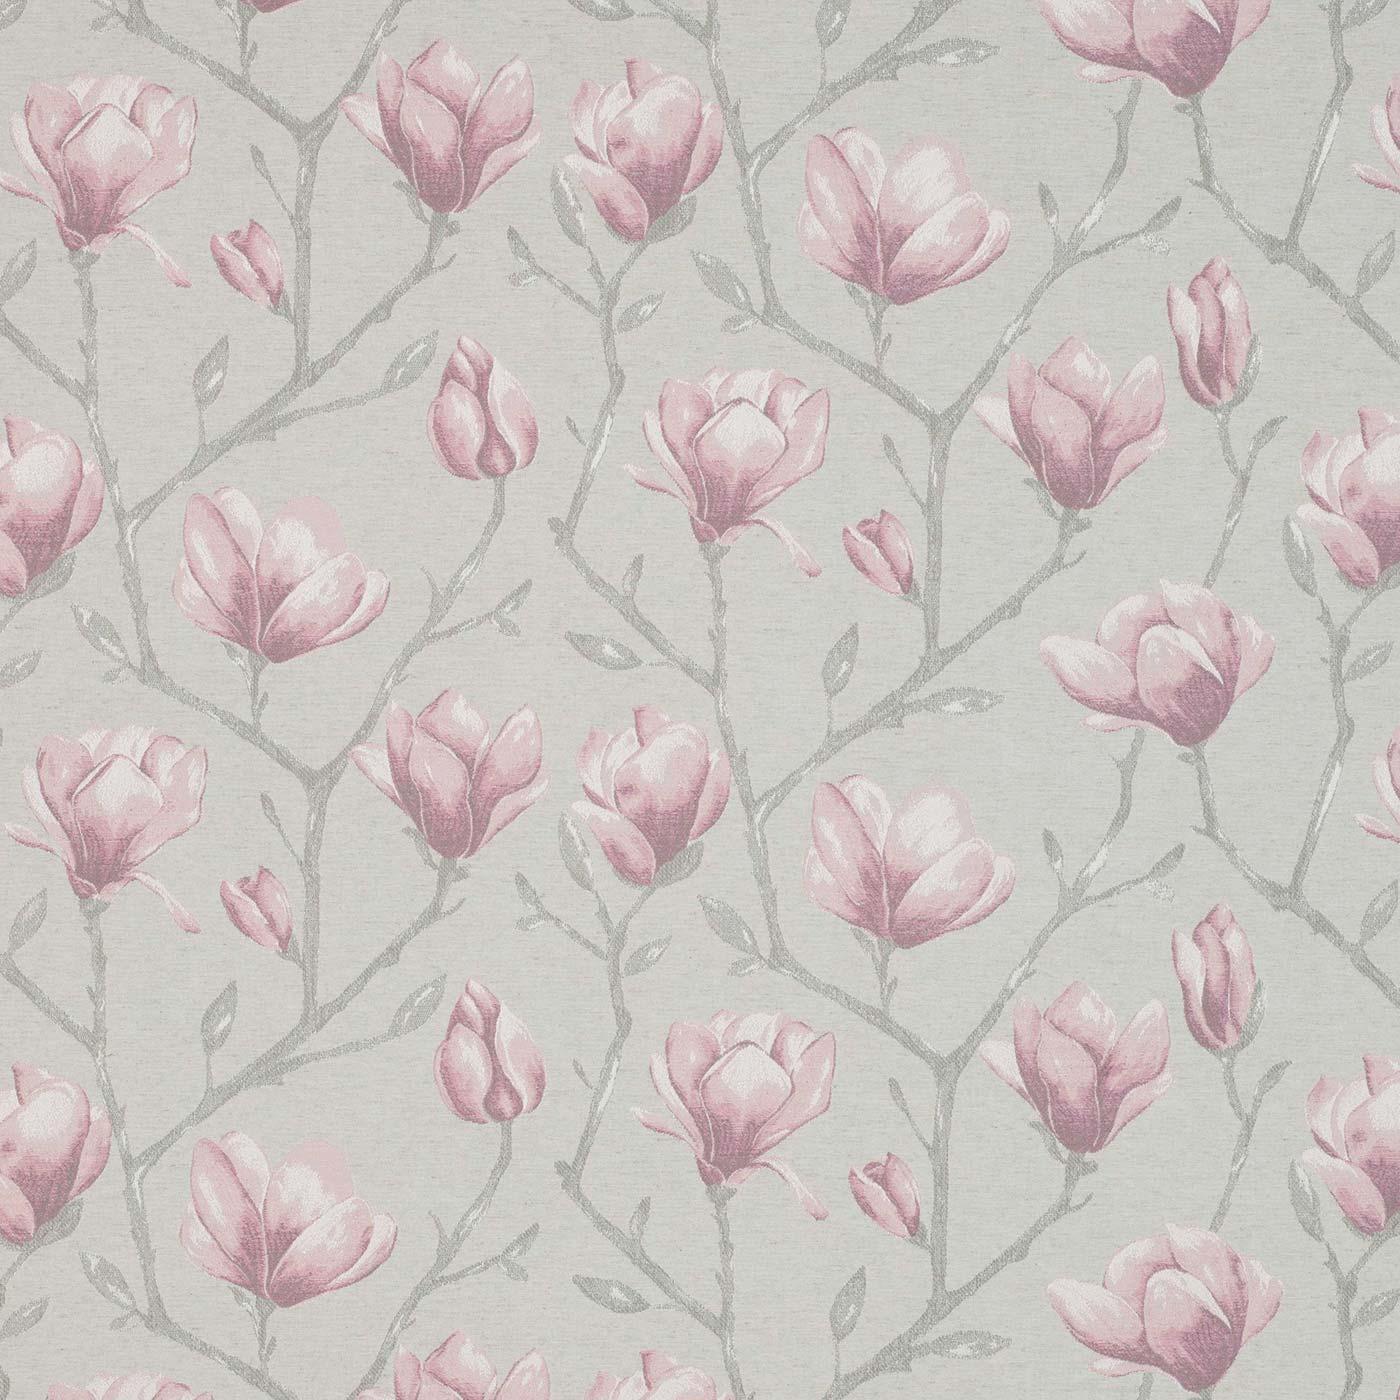 Chatsworth Rose